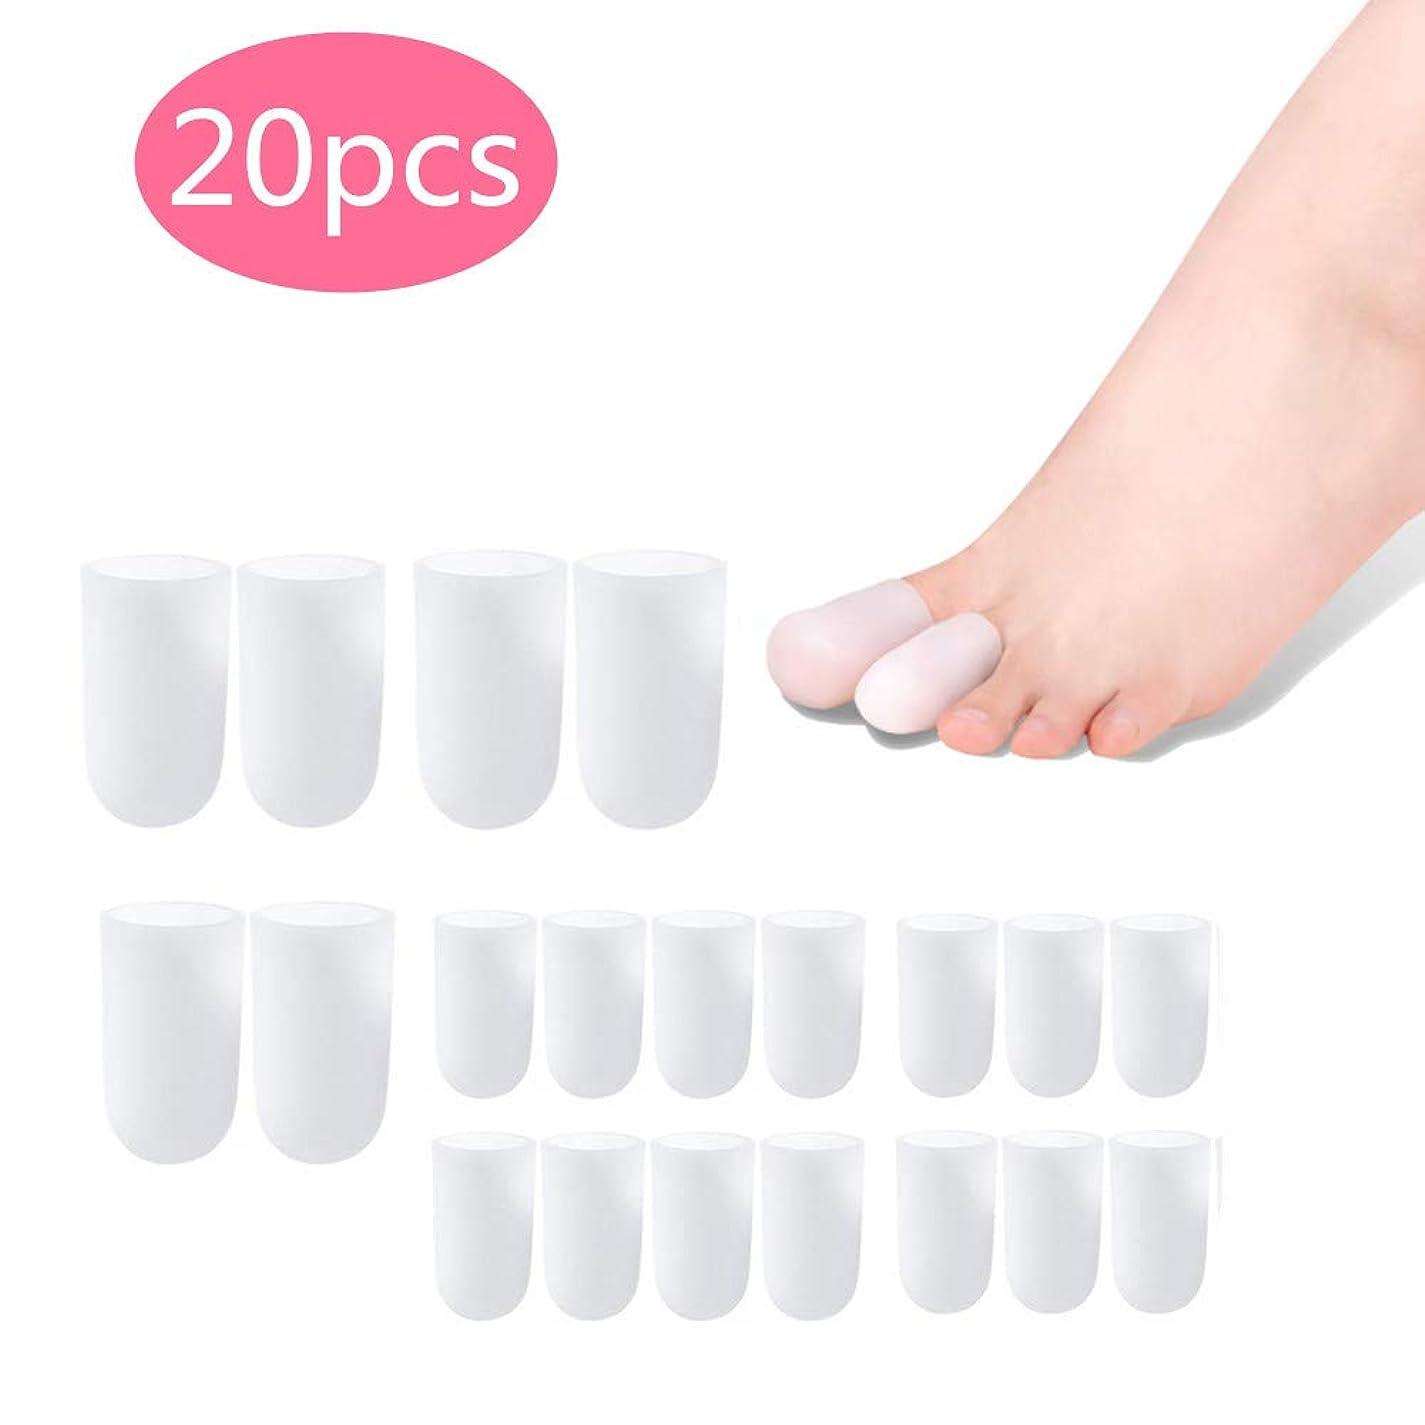 塩辛い年齢階段足指保護キャップ つま先プロテクター 足先のつめ保護キャップ 怪我防止 男女兼用 (20個入り)